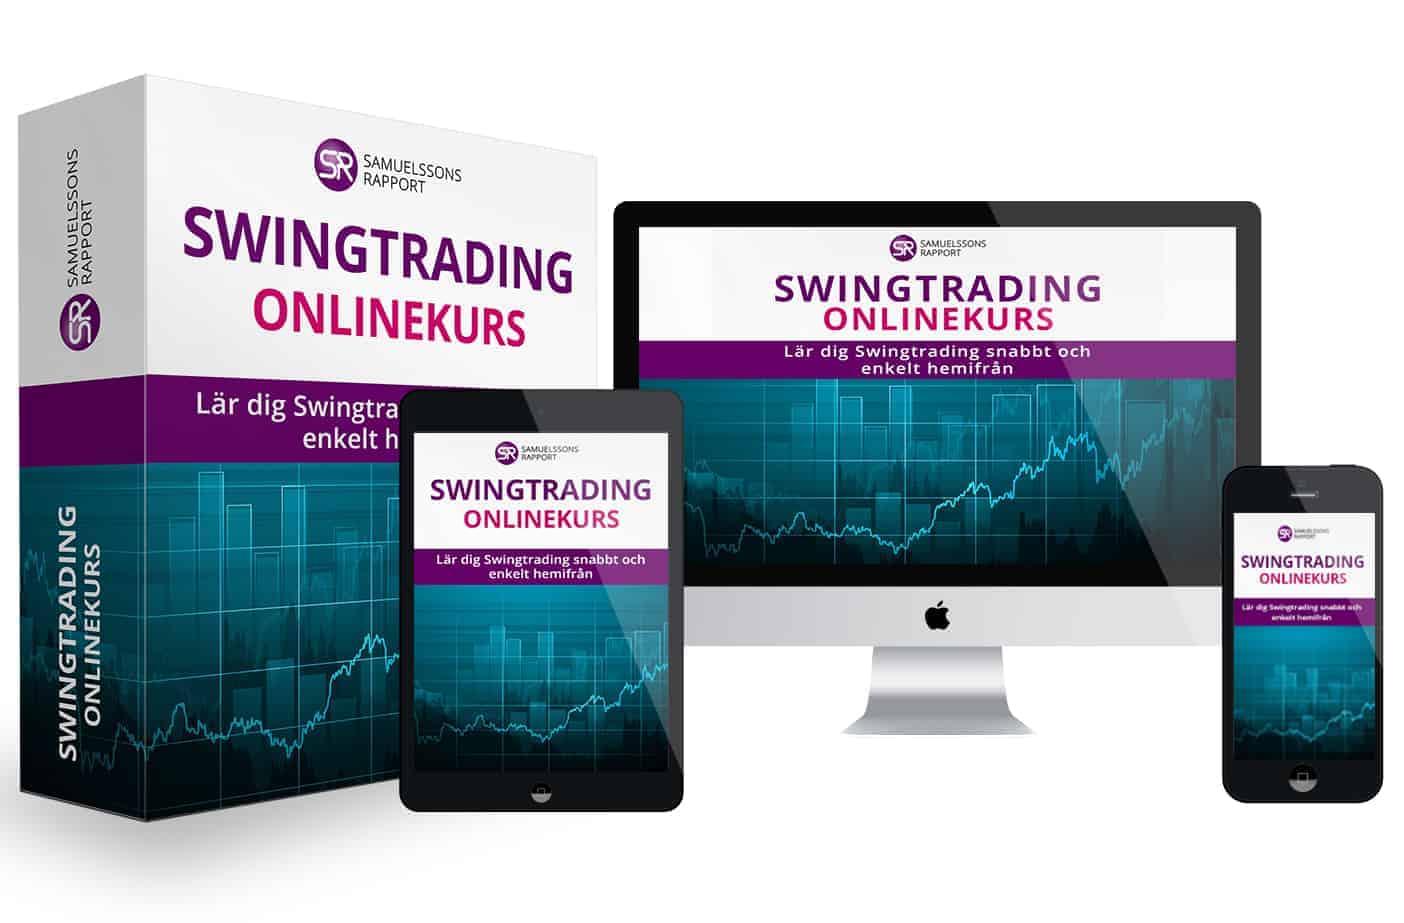 Swingtrading utbildning